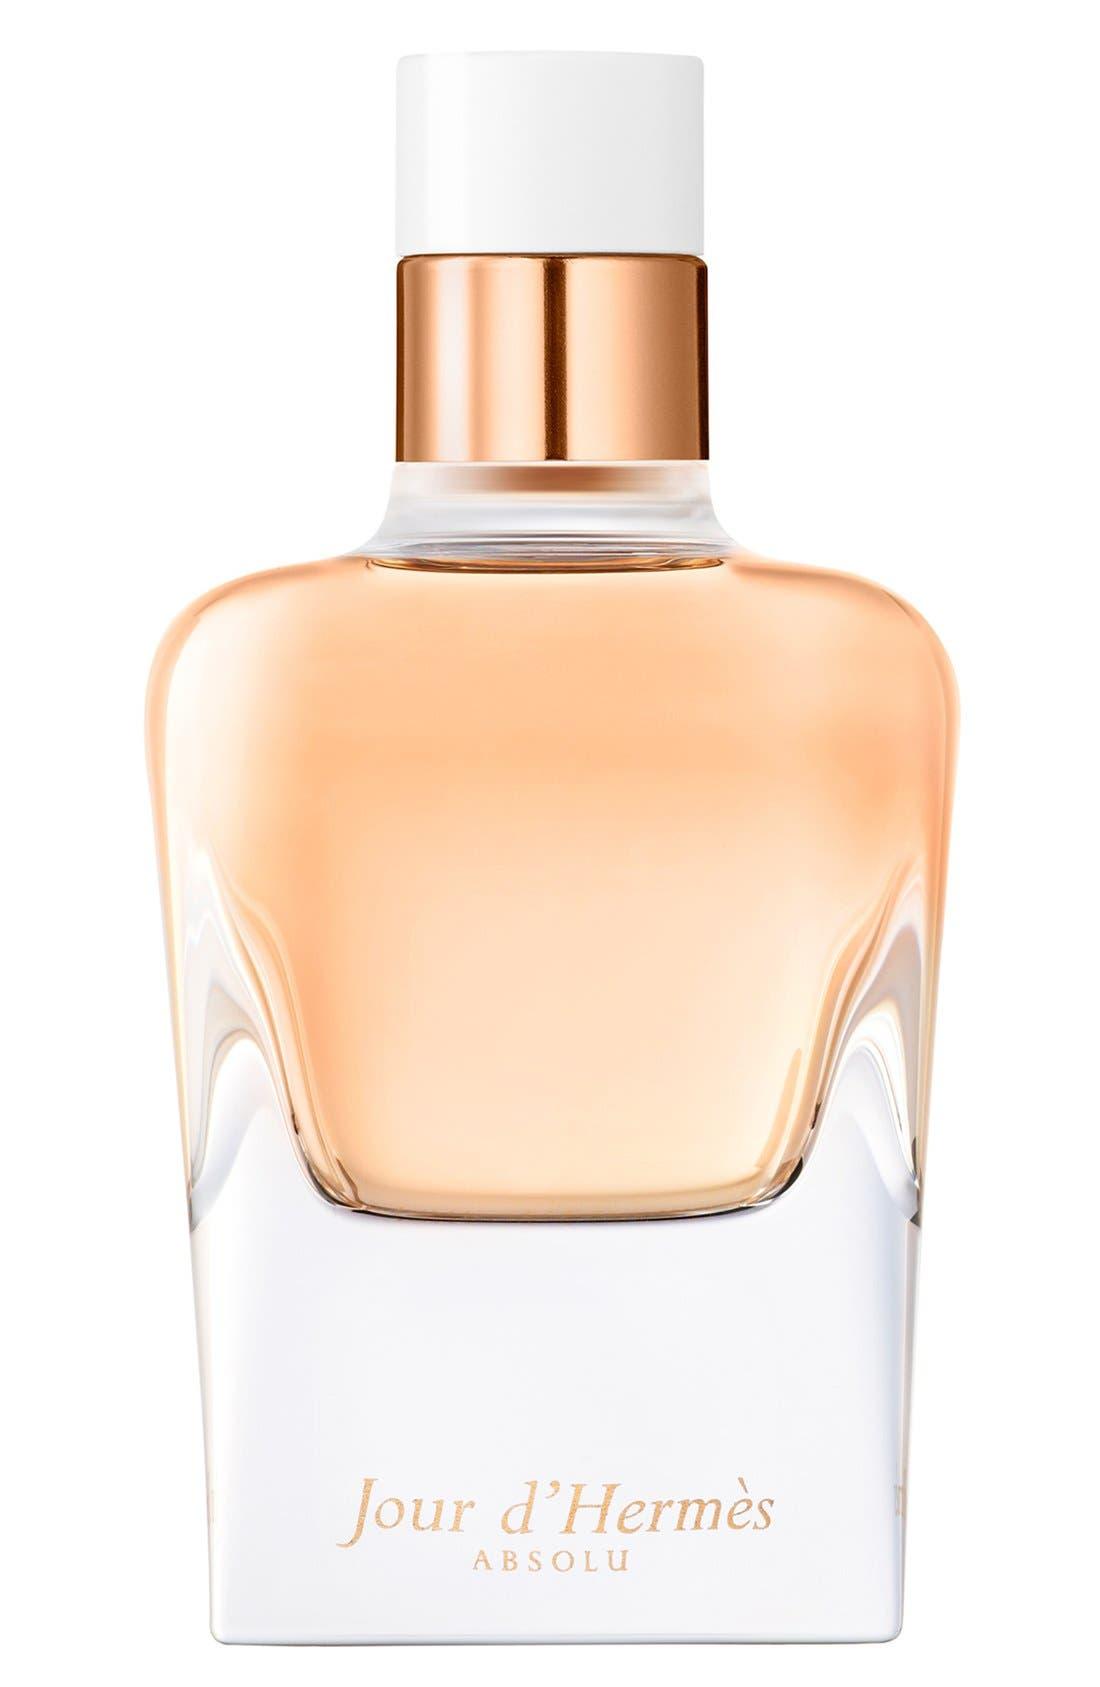 Jour d'Hermès Absolu - Eau de parfum,                         Main,                         color, NO COLOR